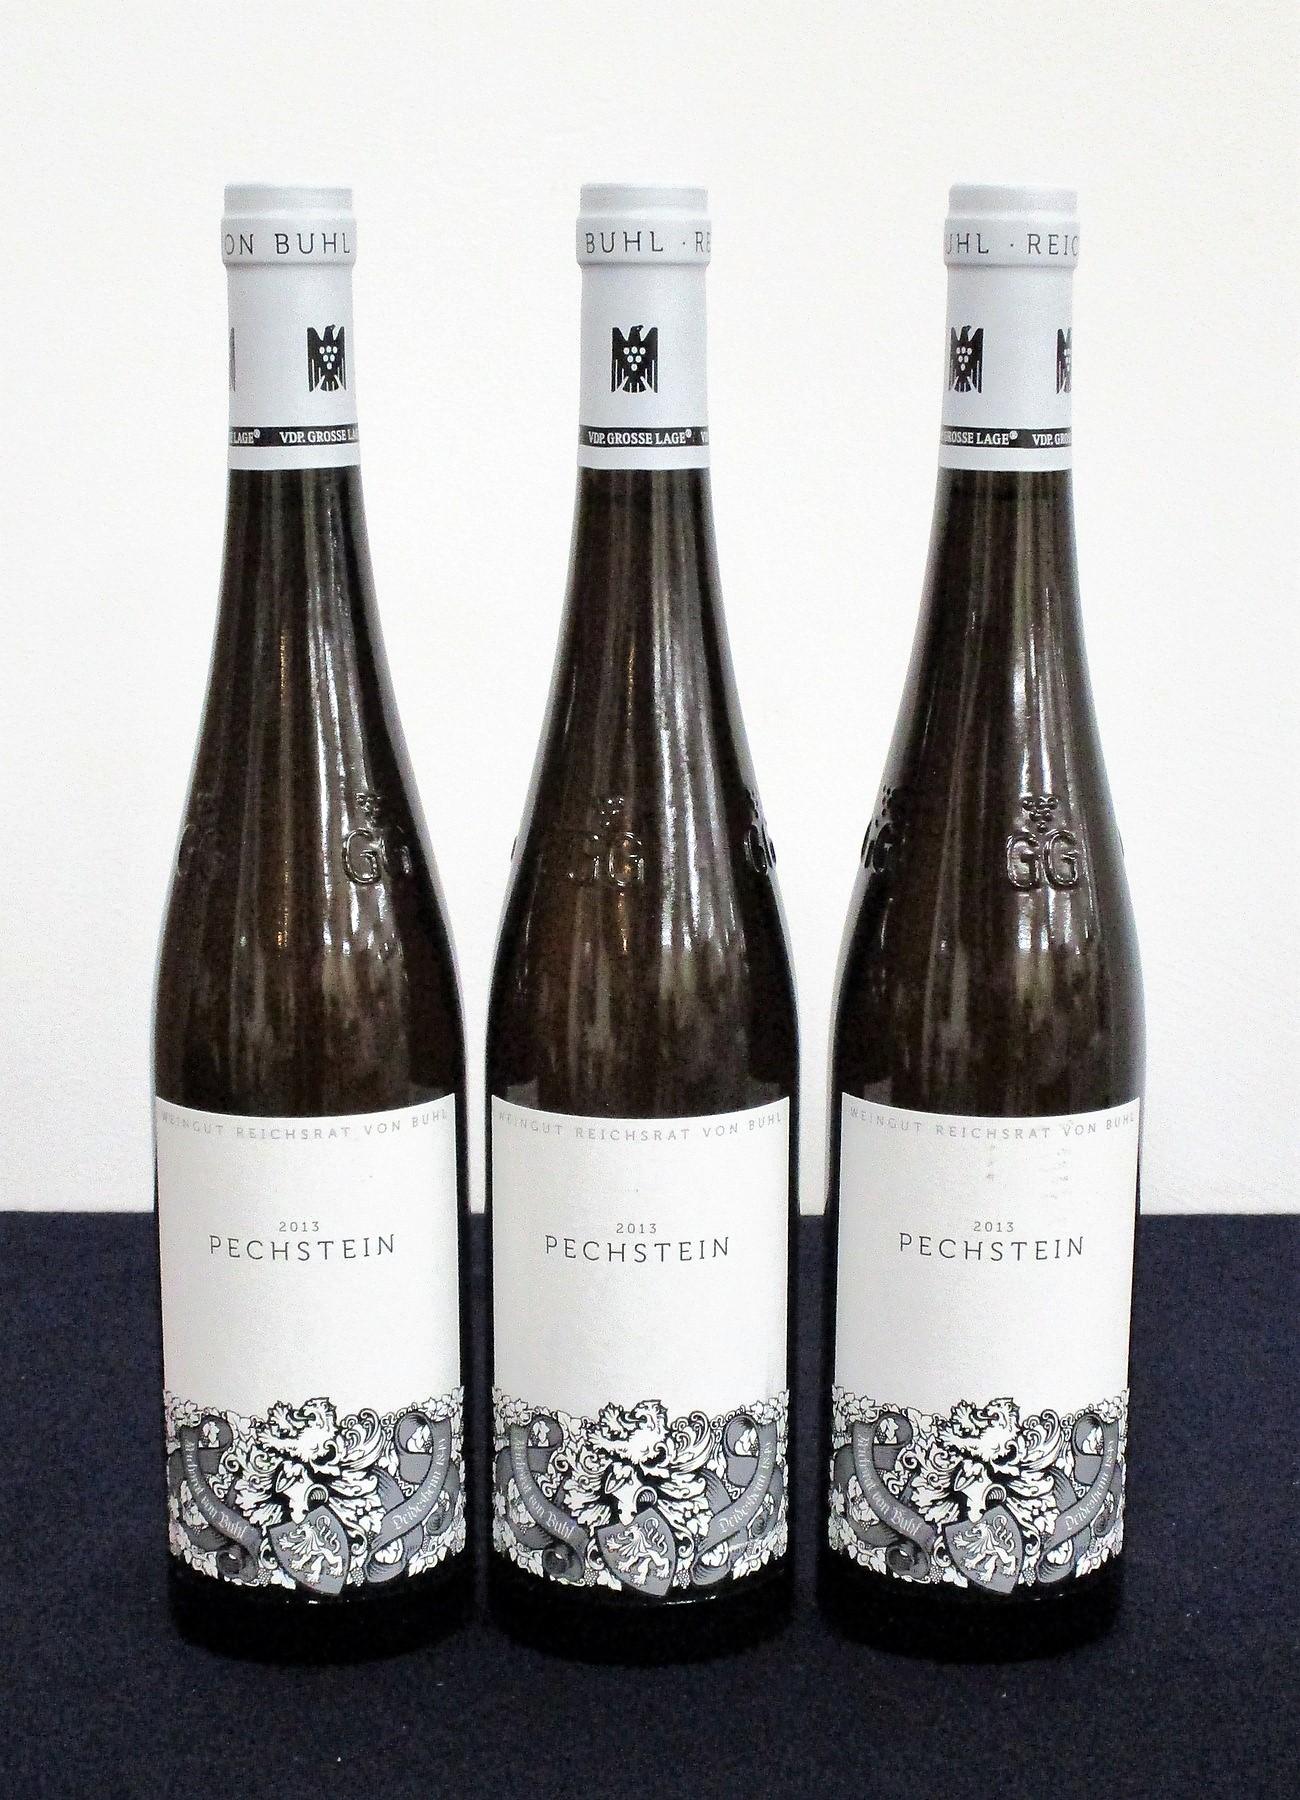 3 bts W. Reichsrat Von Buhl Forster Pechstein Riesling 2013 oc (6 bt) Pfalz